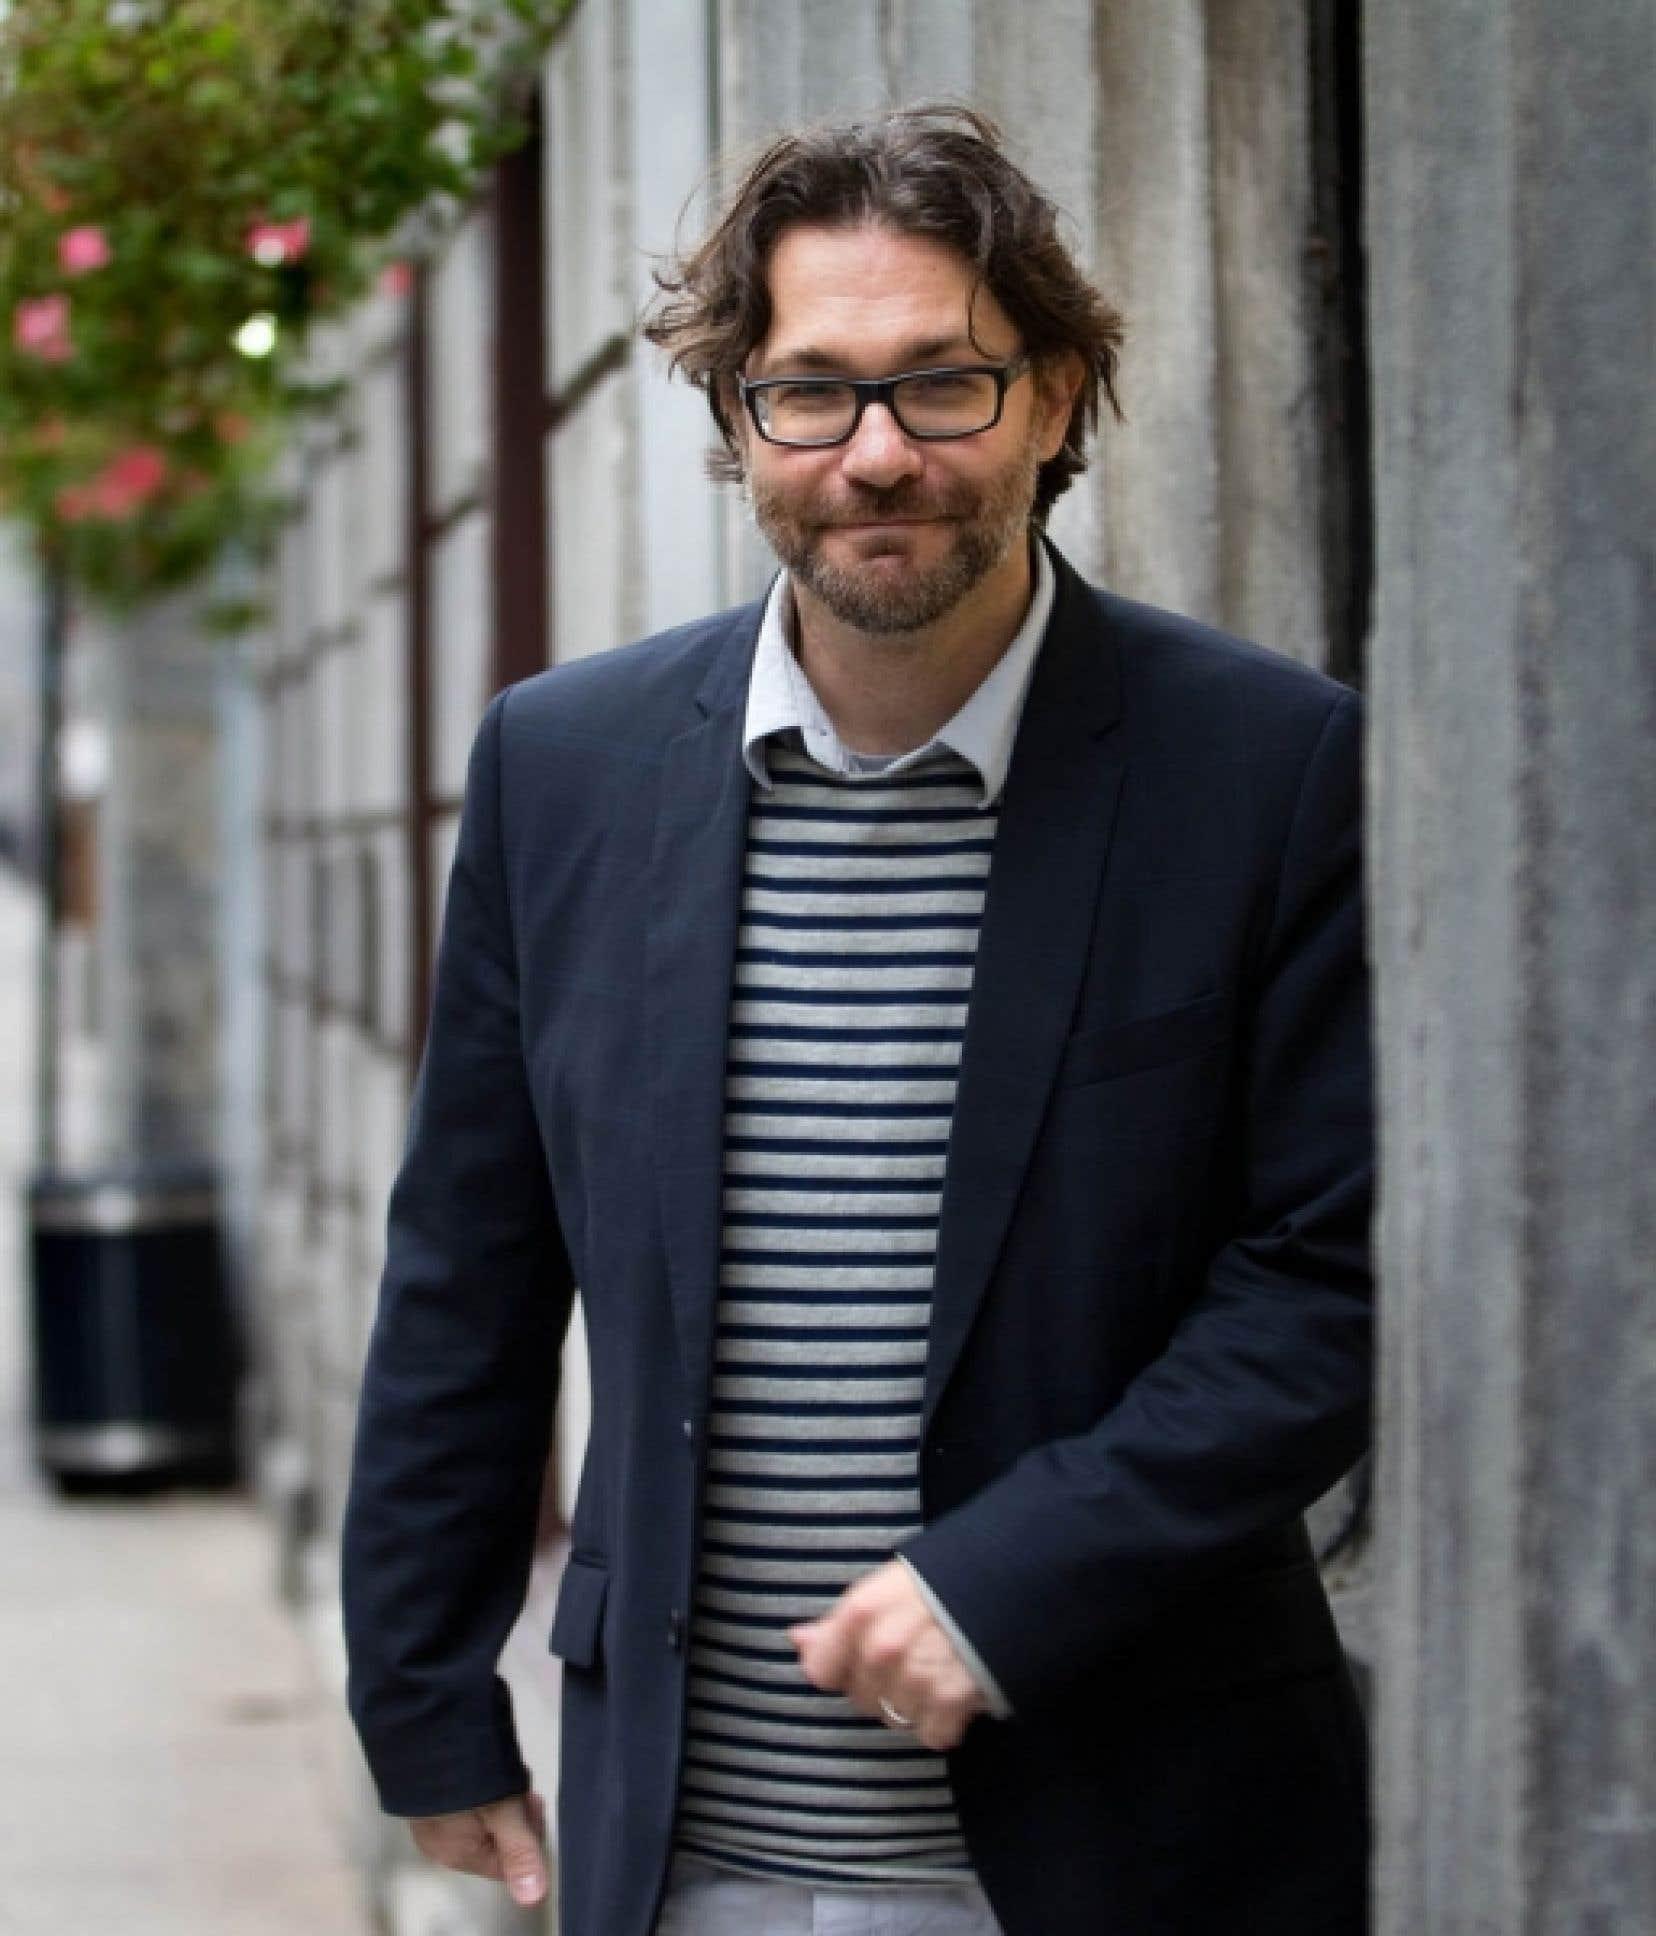 Psychanalyste et écrivain, Maxime-Olivier Moutier dit vouloir «chercher ce qui fait souffrir les gens». <br />